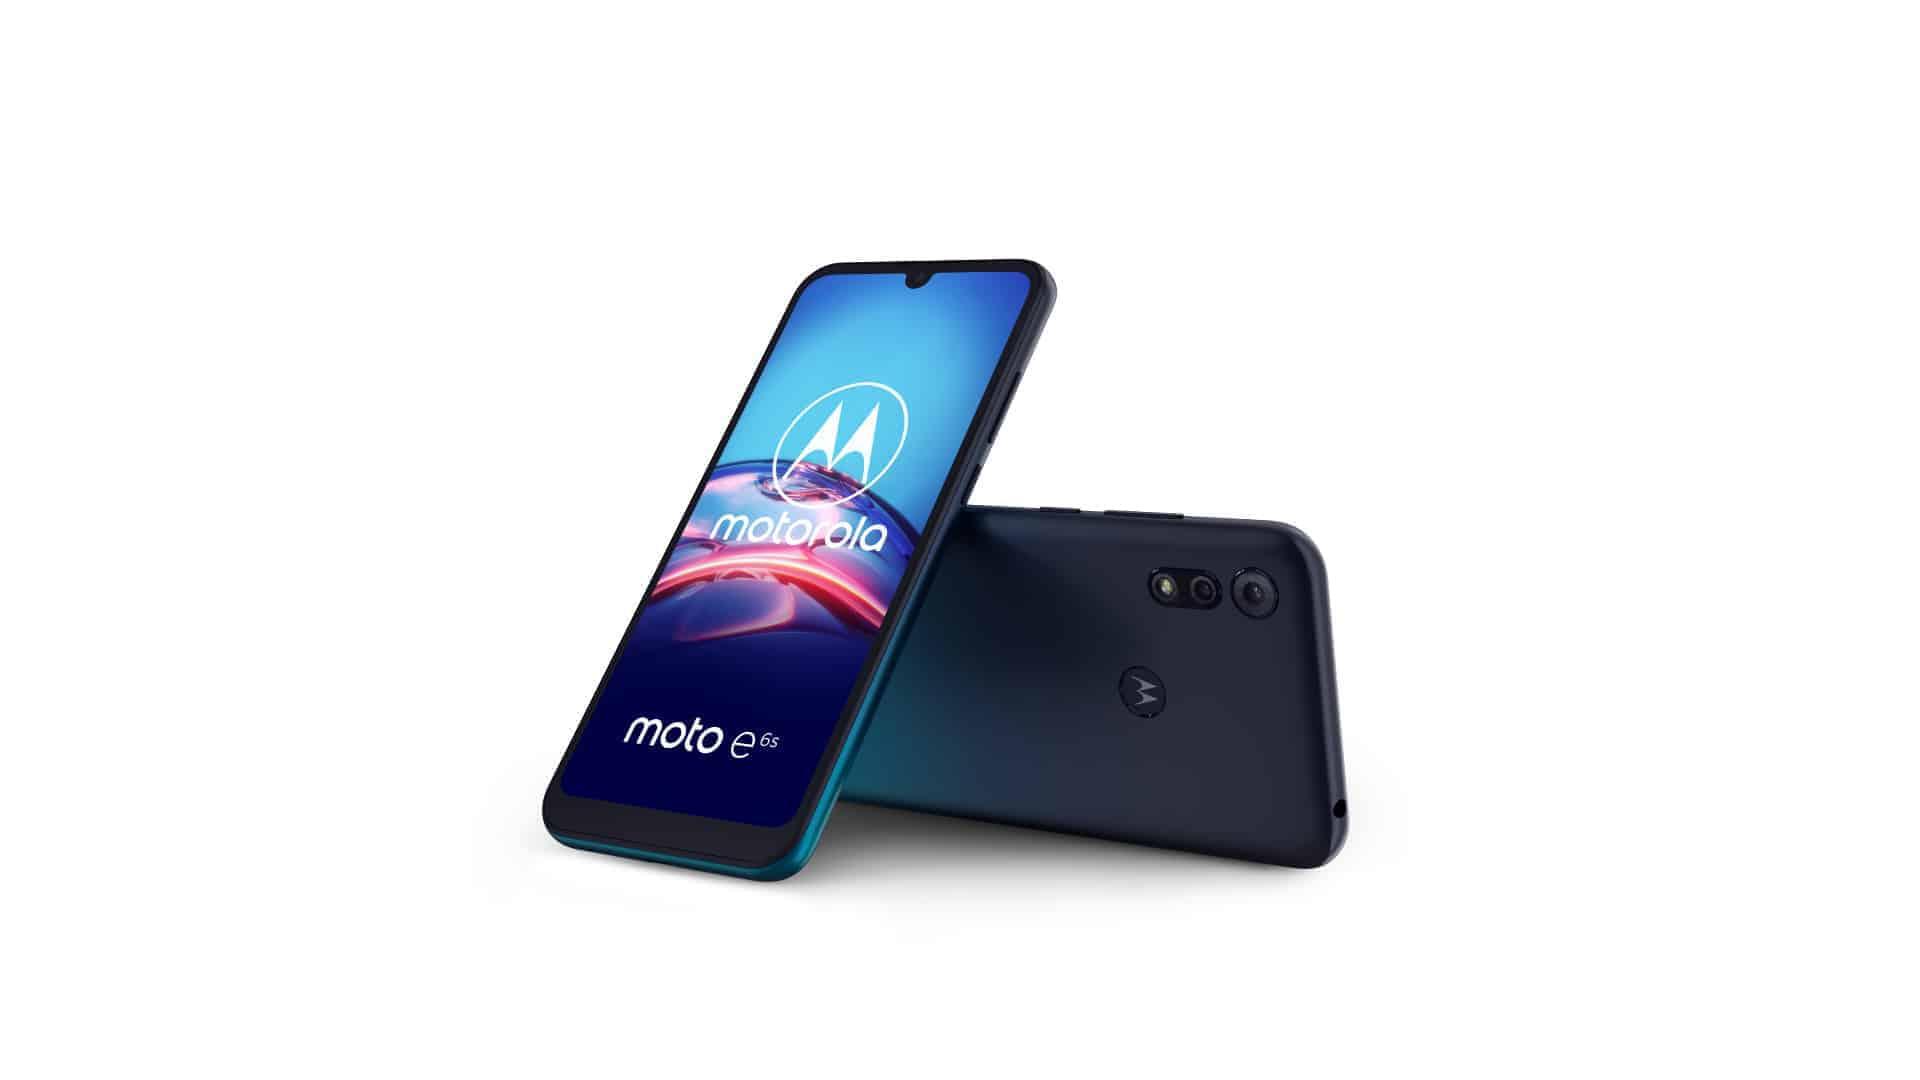 Motorola Moto e6s 13